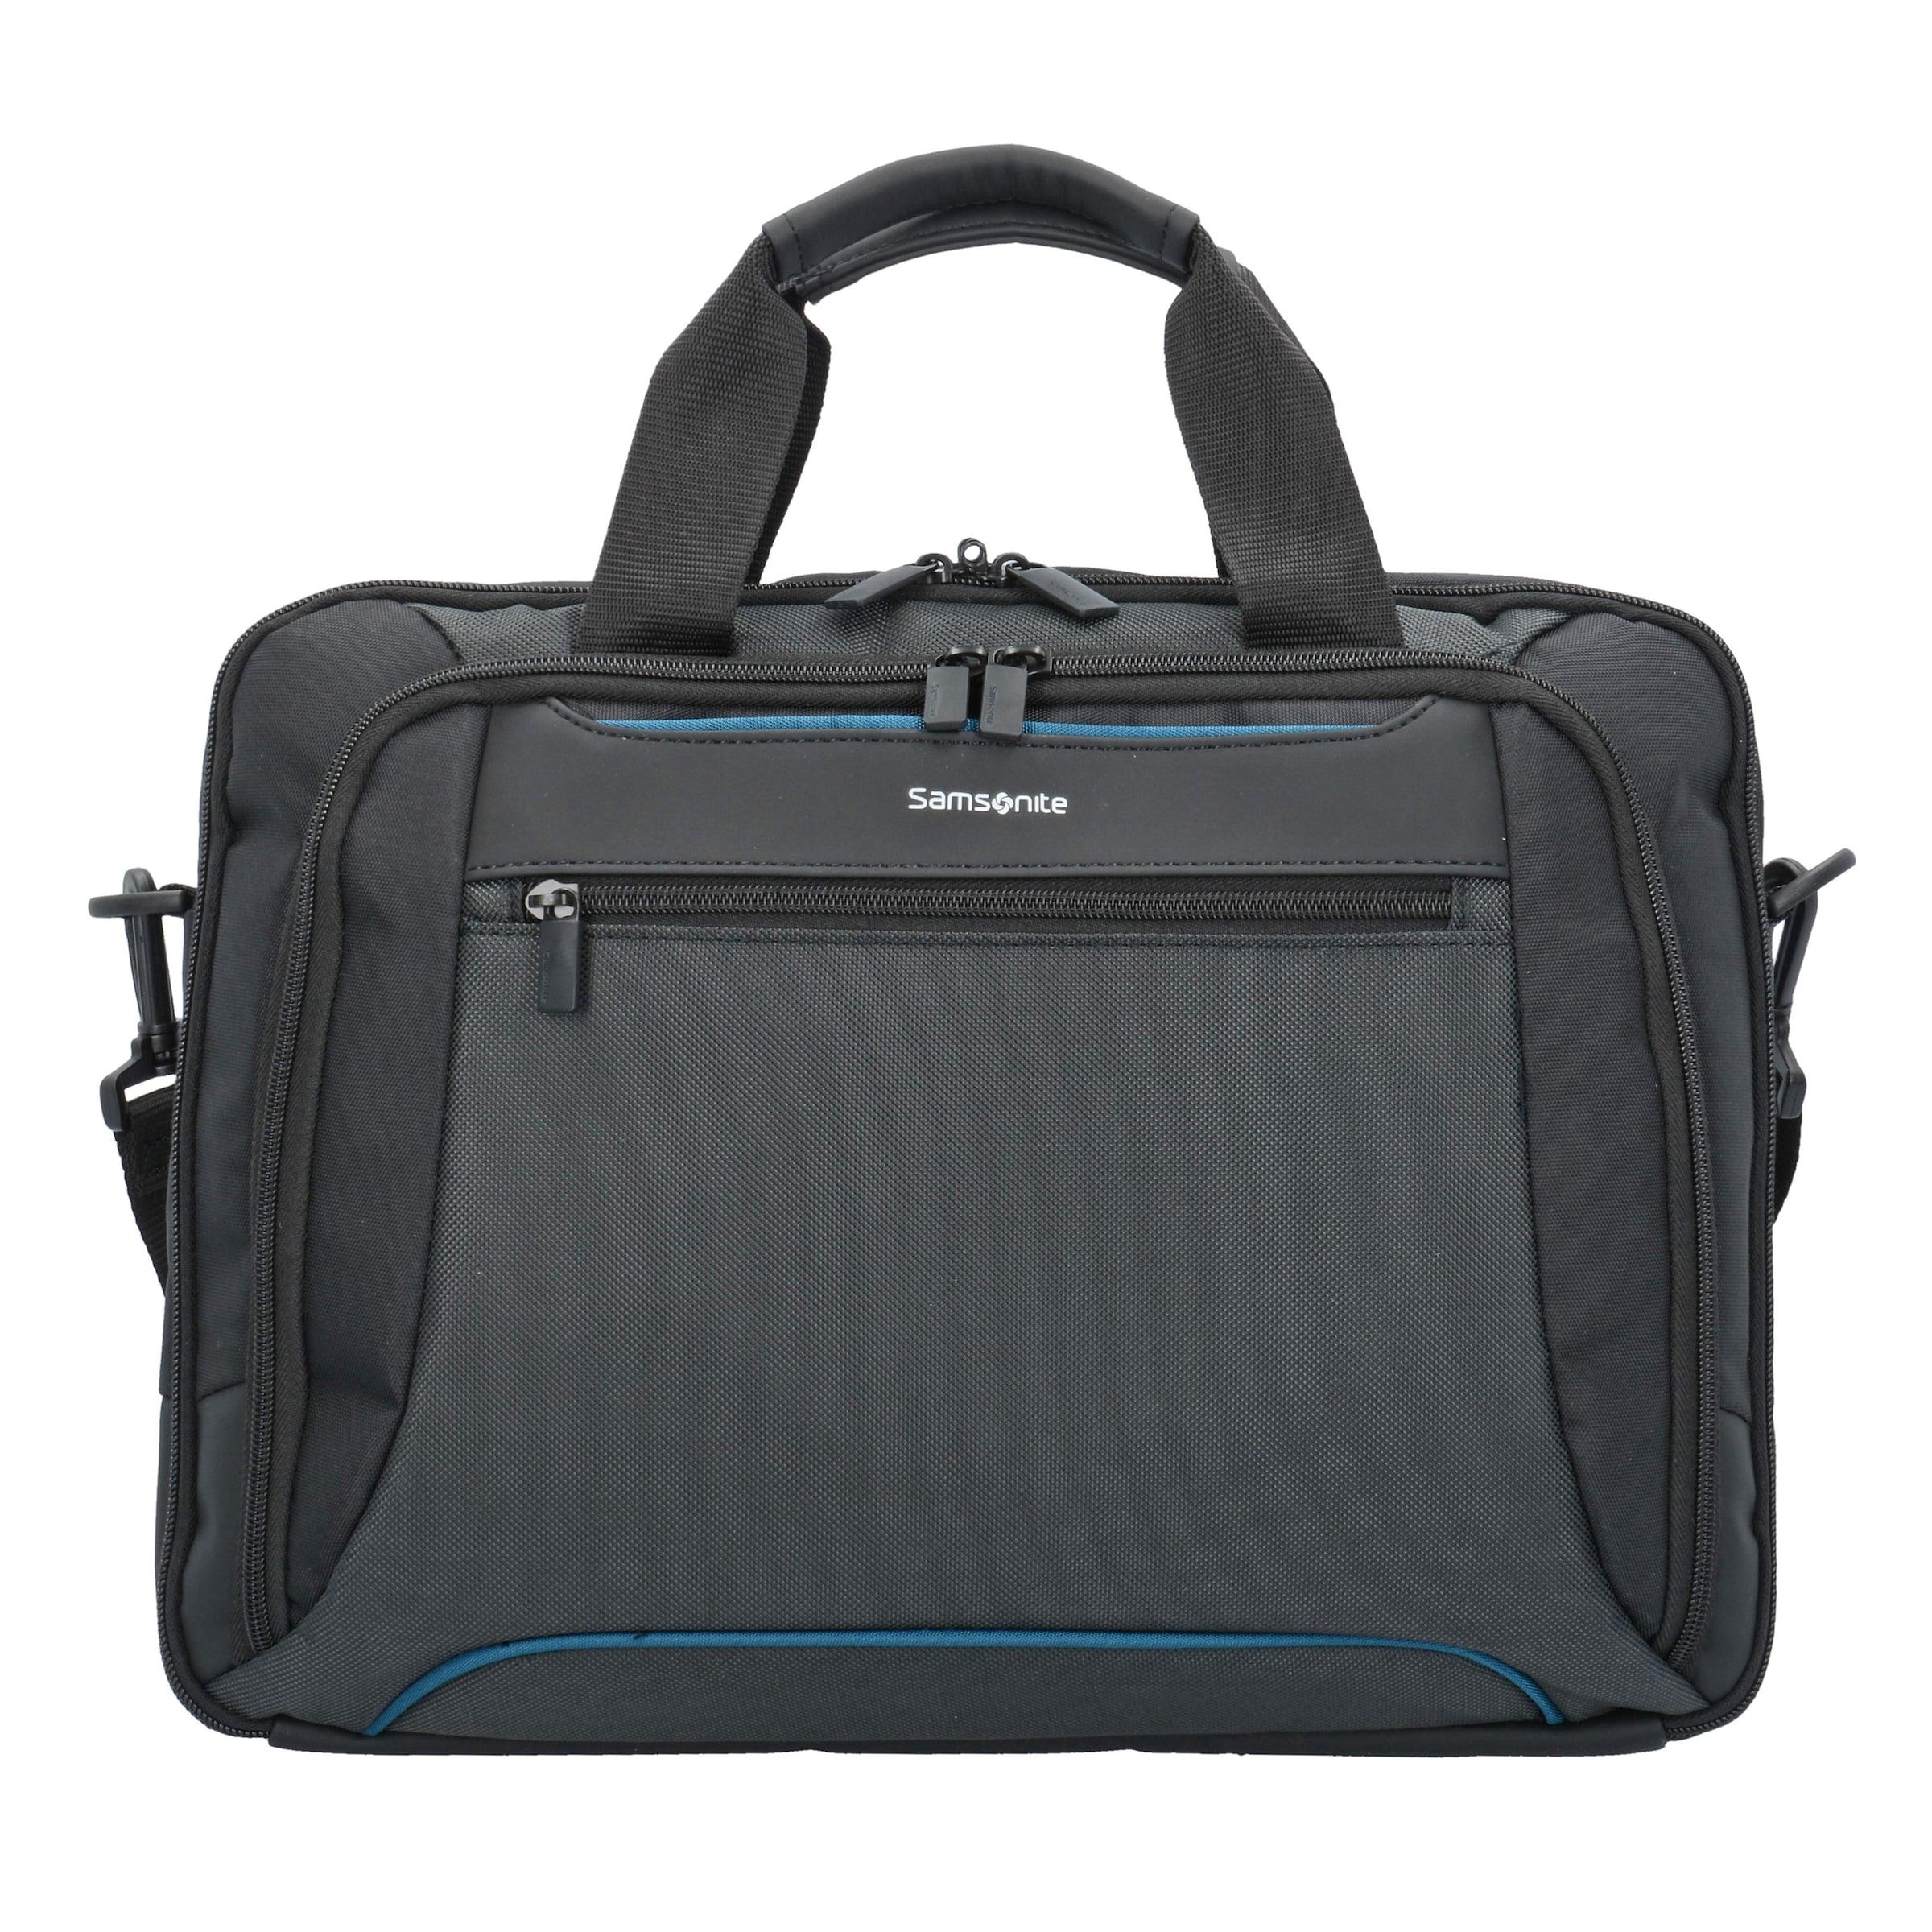 Samsonite 'kleur' Laptoptasche In GrauOrange Schwarz UMVpGSzq